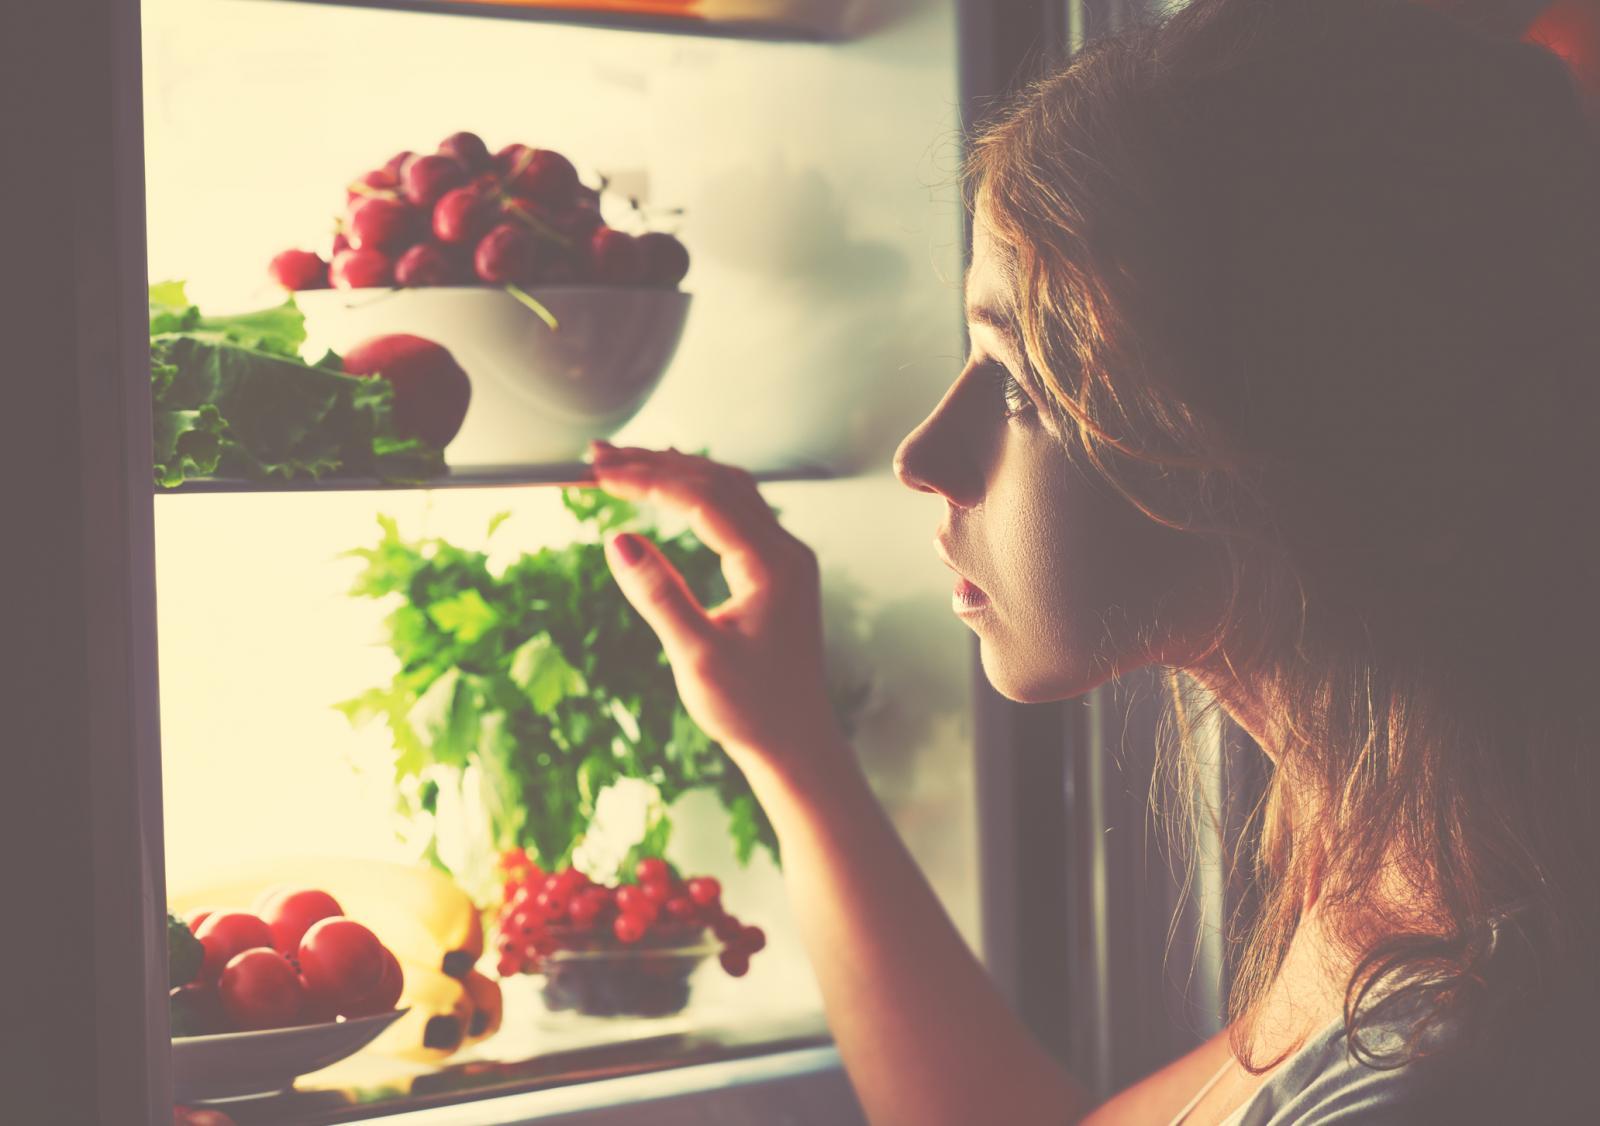 Godišnje se u svijetu baci oko oko 1,3 milijarde tona hrane.